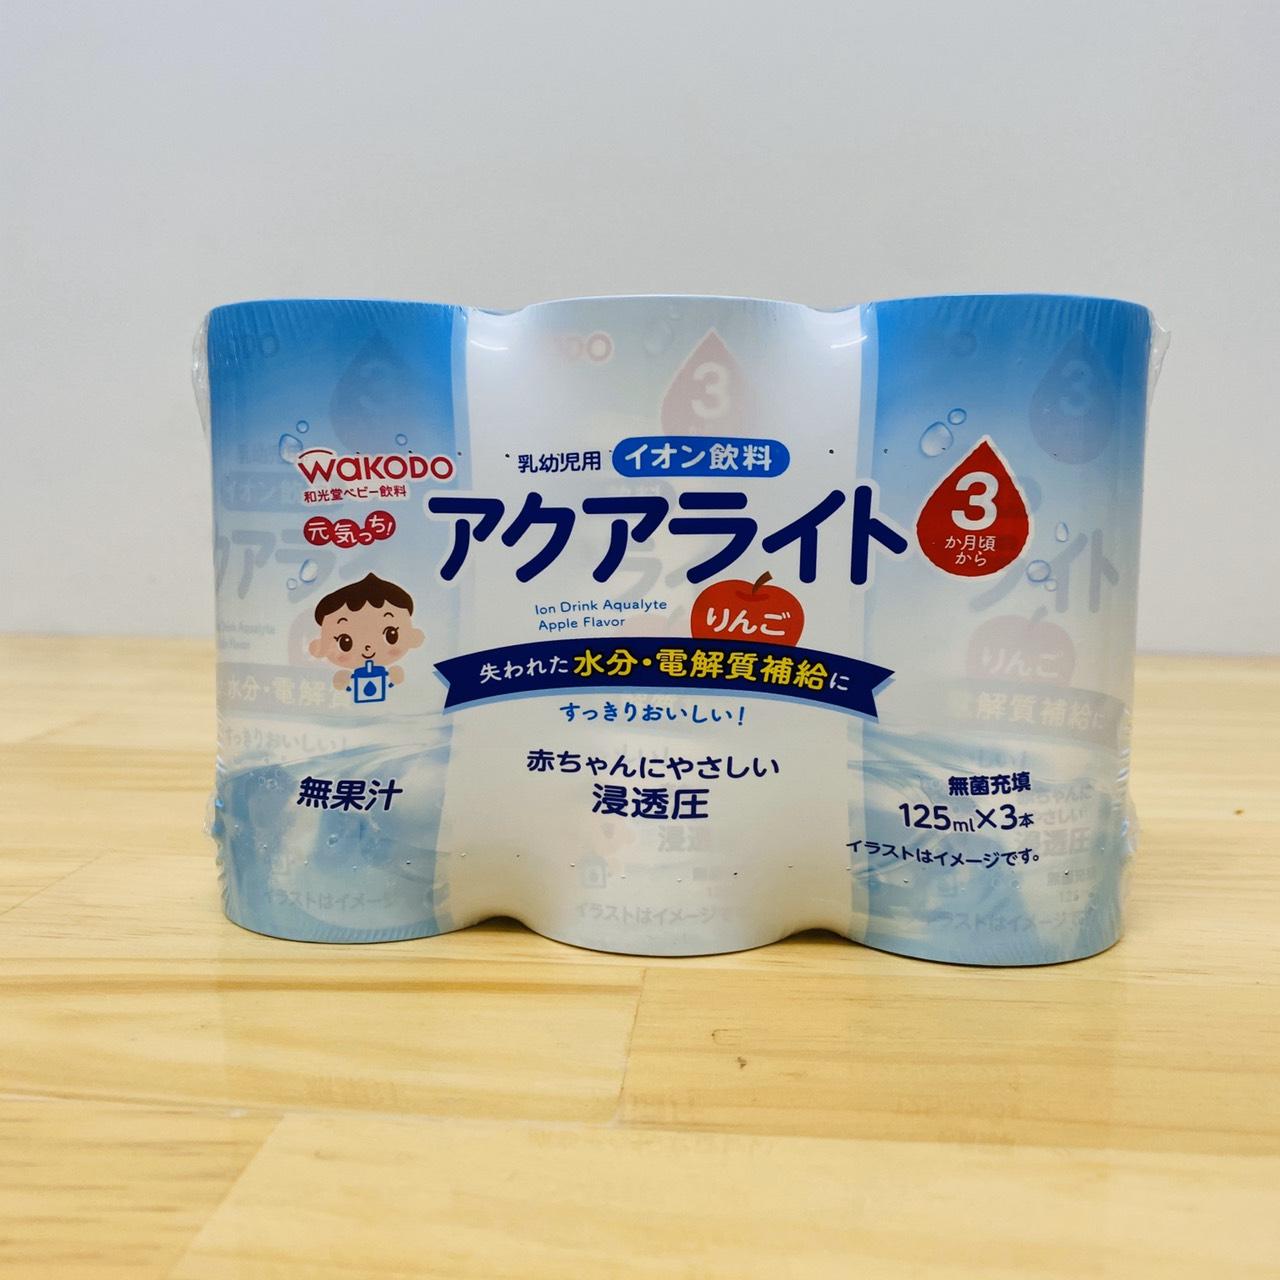 Nước ép Wakodo táo sữa chua Block 3 hộp 125ml